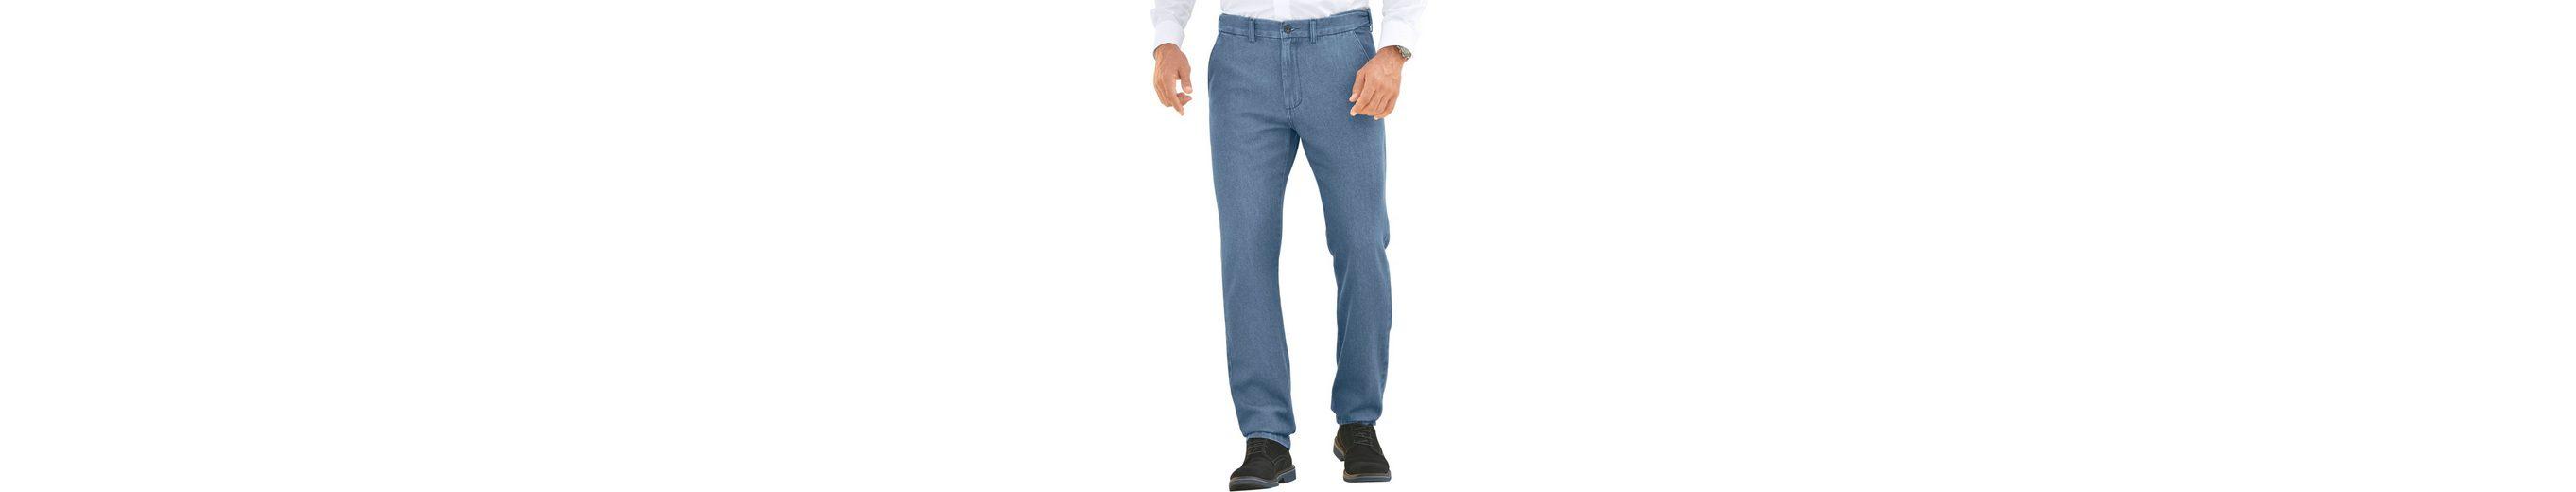 Zum Verkauf Rabatt Verkauf Catamaran Jeans mit stufenlos verstellbarem Bund Sehr Günstig Spielraum Neuesten Kollektionen Schnell Express GteUiMIa